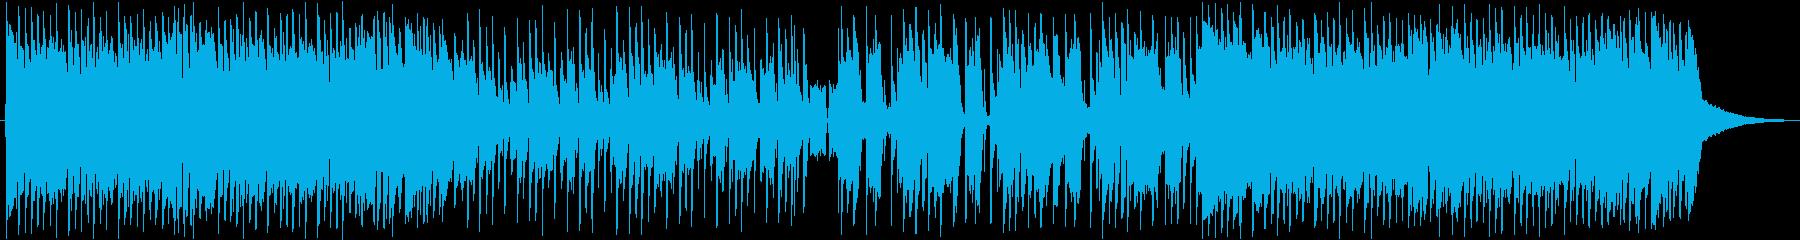 ロックで洋楽なギターがメインの曲の再生済みの波形